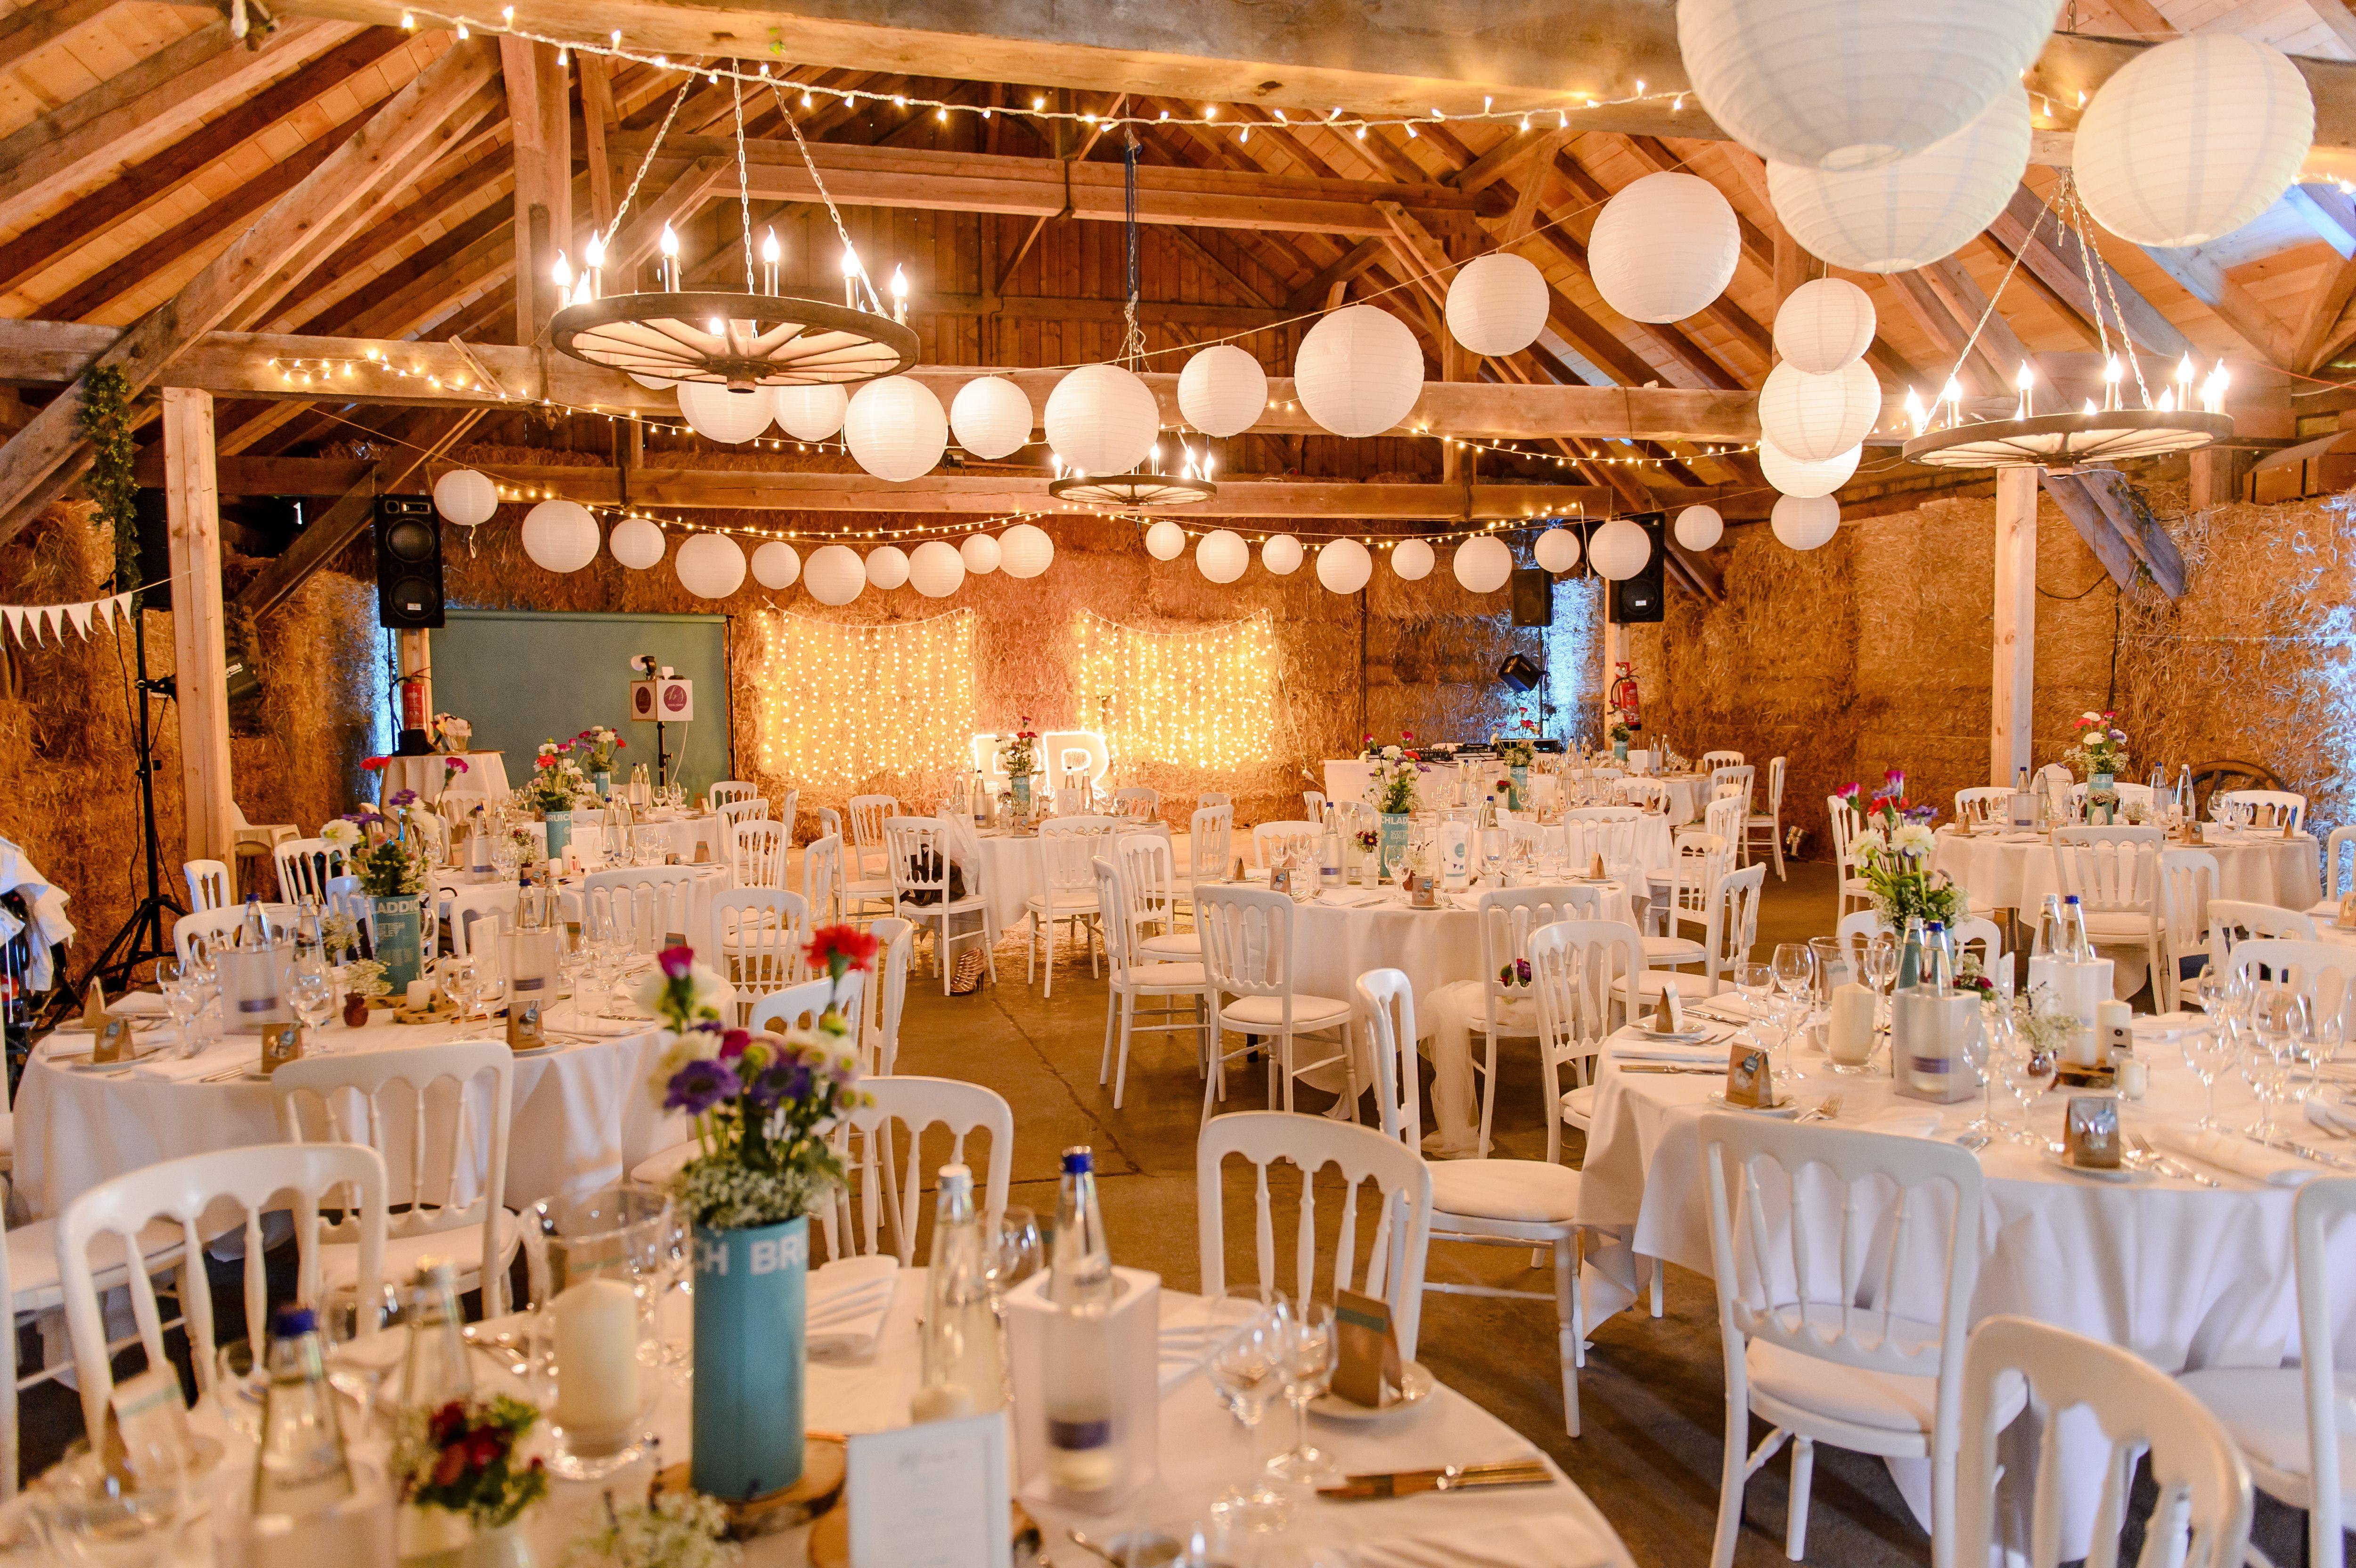 Eventscheune Wallenburg Bayern Mit Bildern Hochzeitslocation Bauernhochzeit Hochzeit Orte